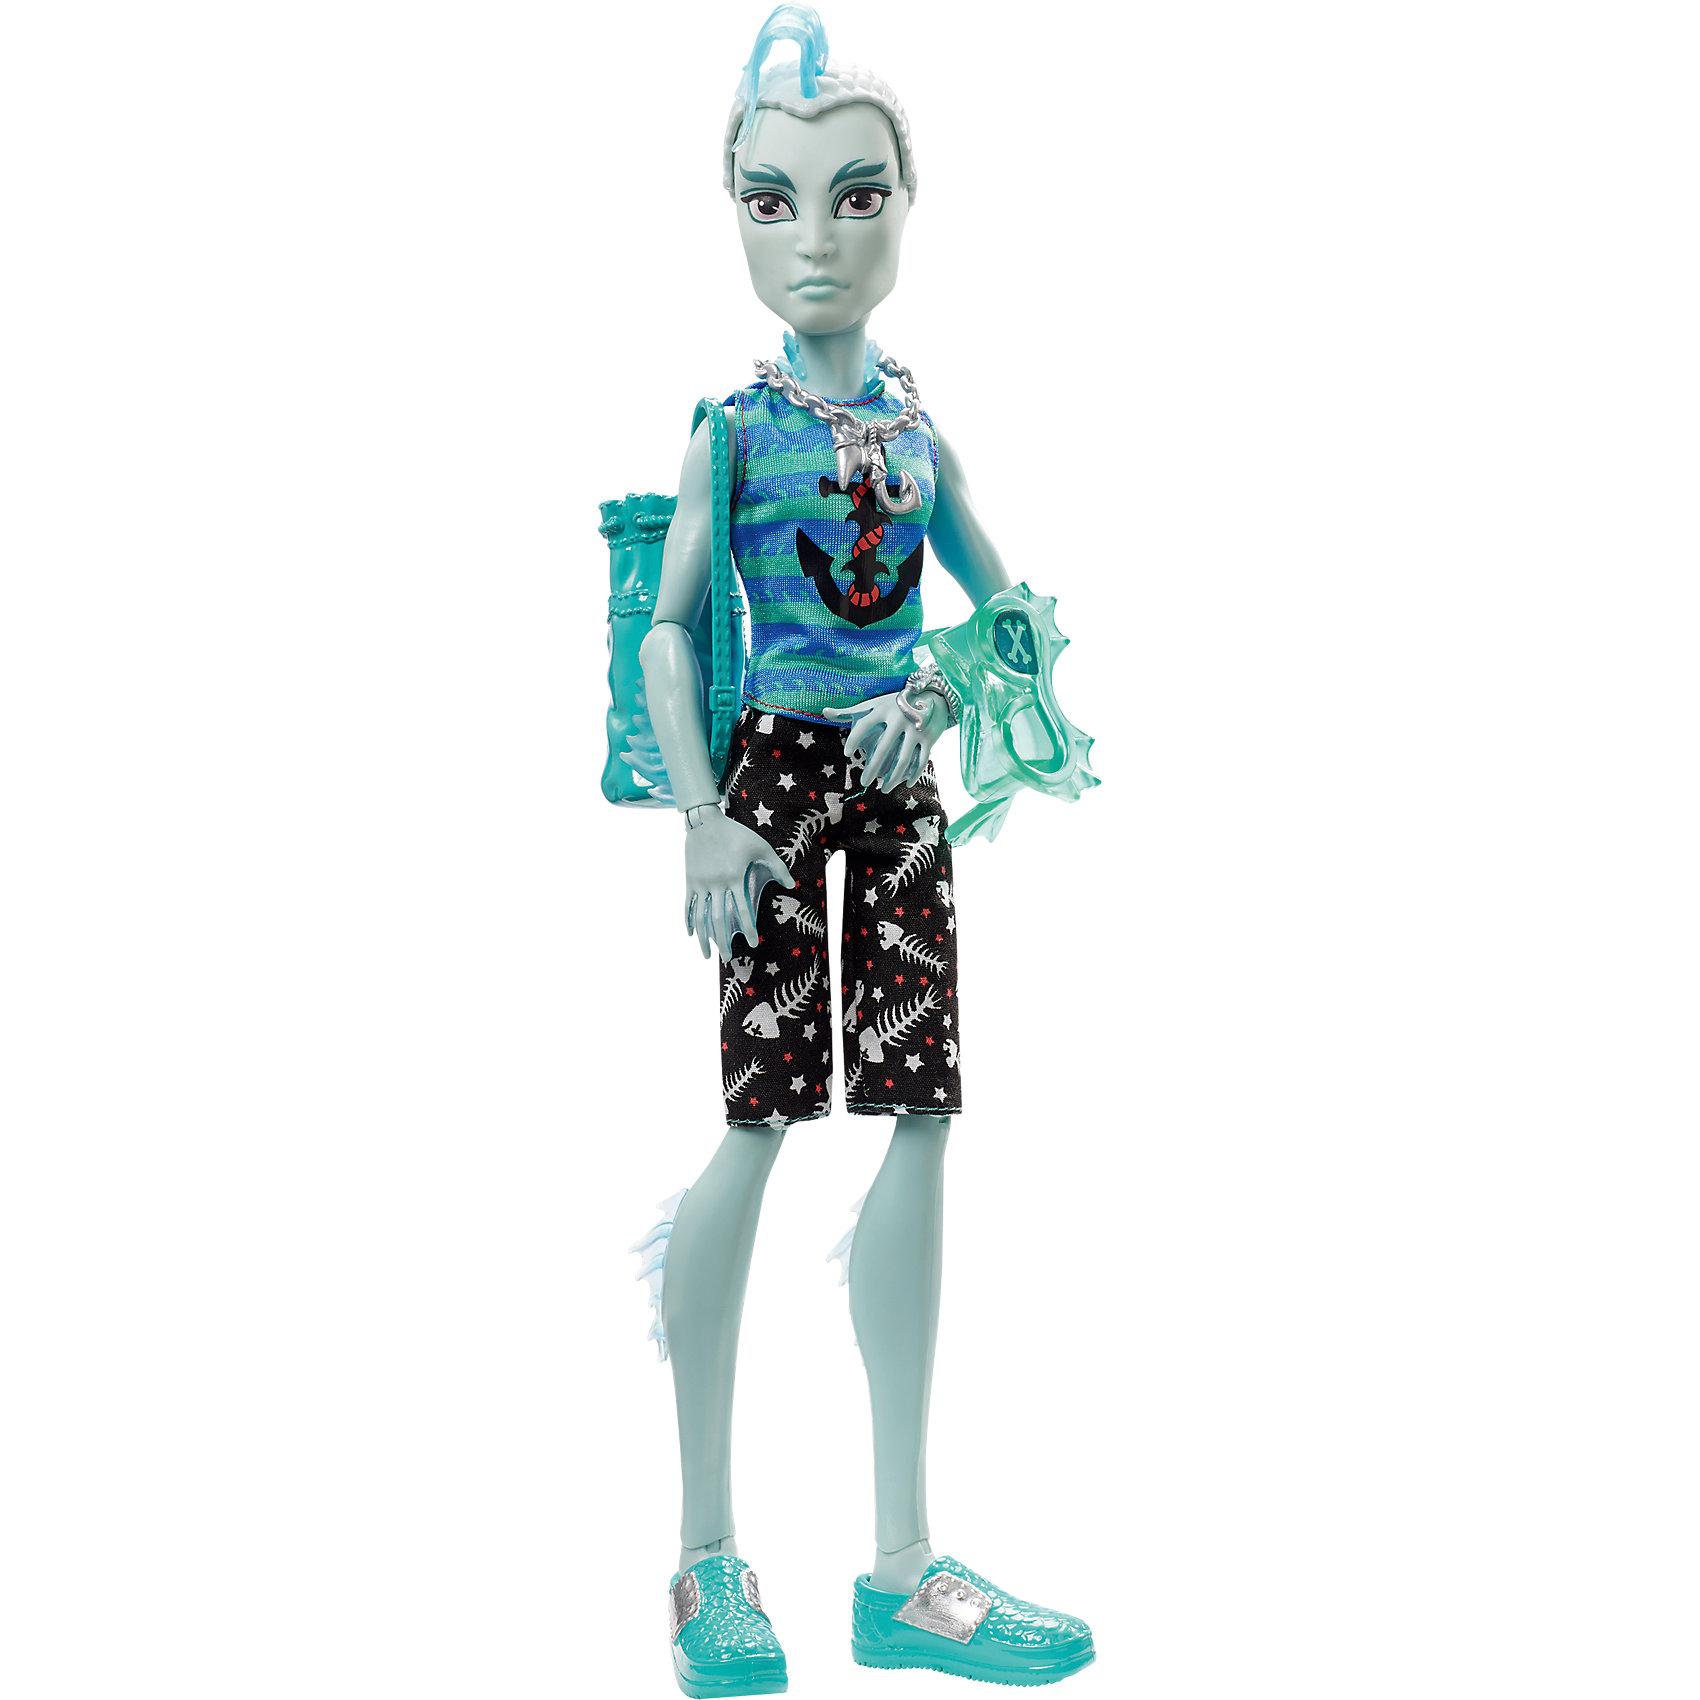 Mattel Кукла Гил Веббер из серии Пиратская авантюра, Monster High monster high пиратская авантюра дана джонс